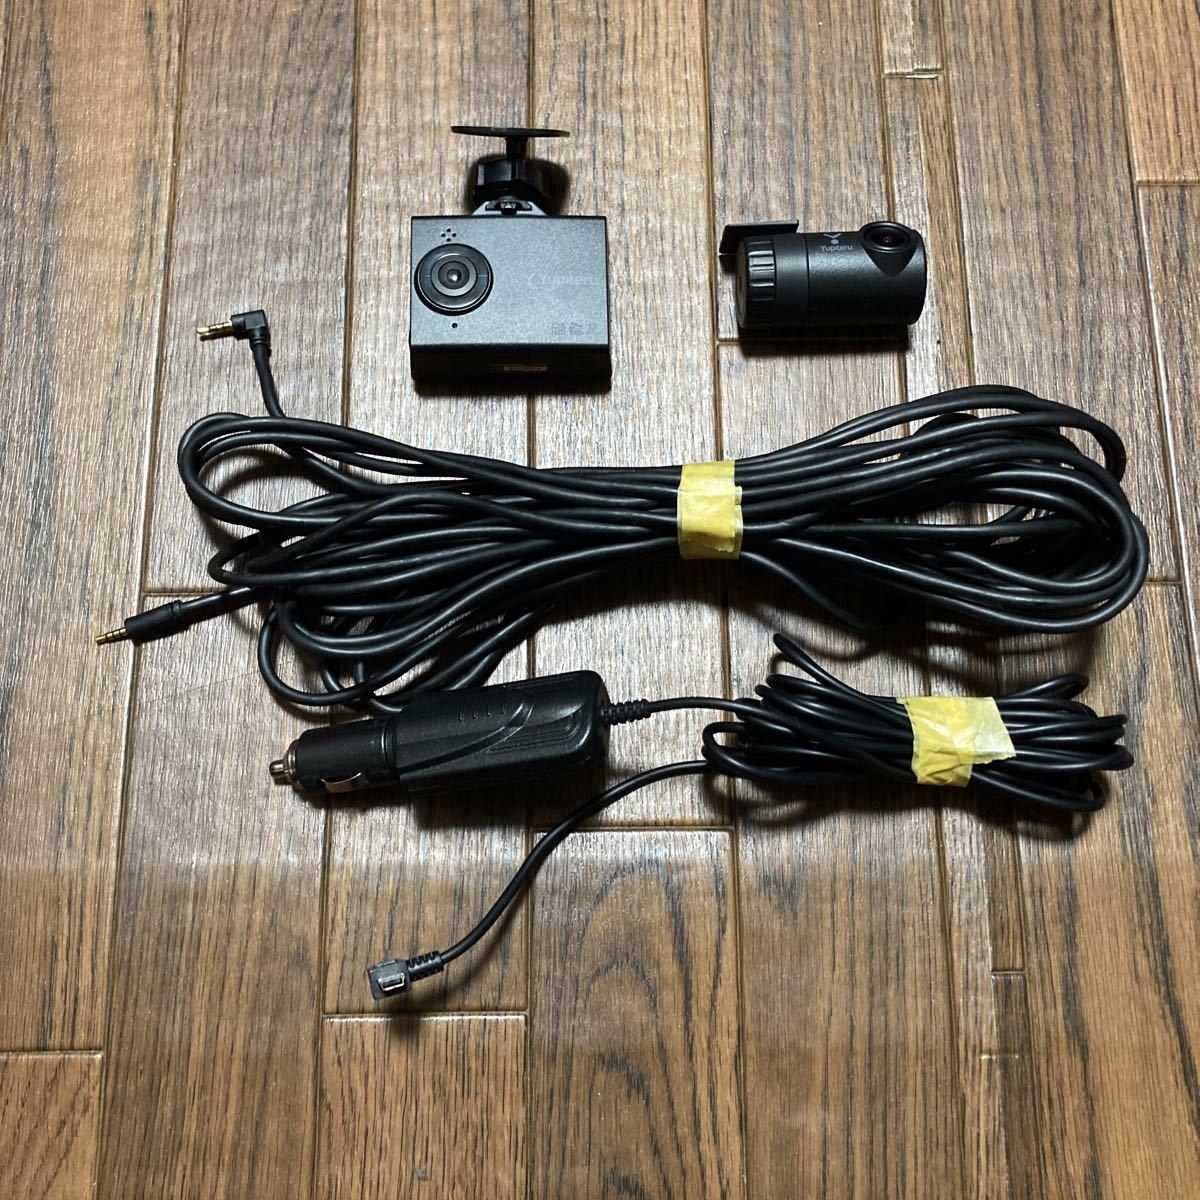 ユピテル ドライブレコーダー SN-TW9500 リアカメラセット